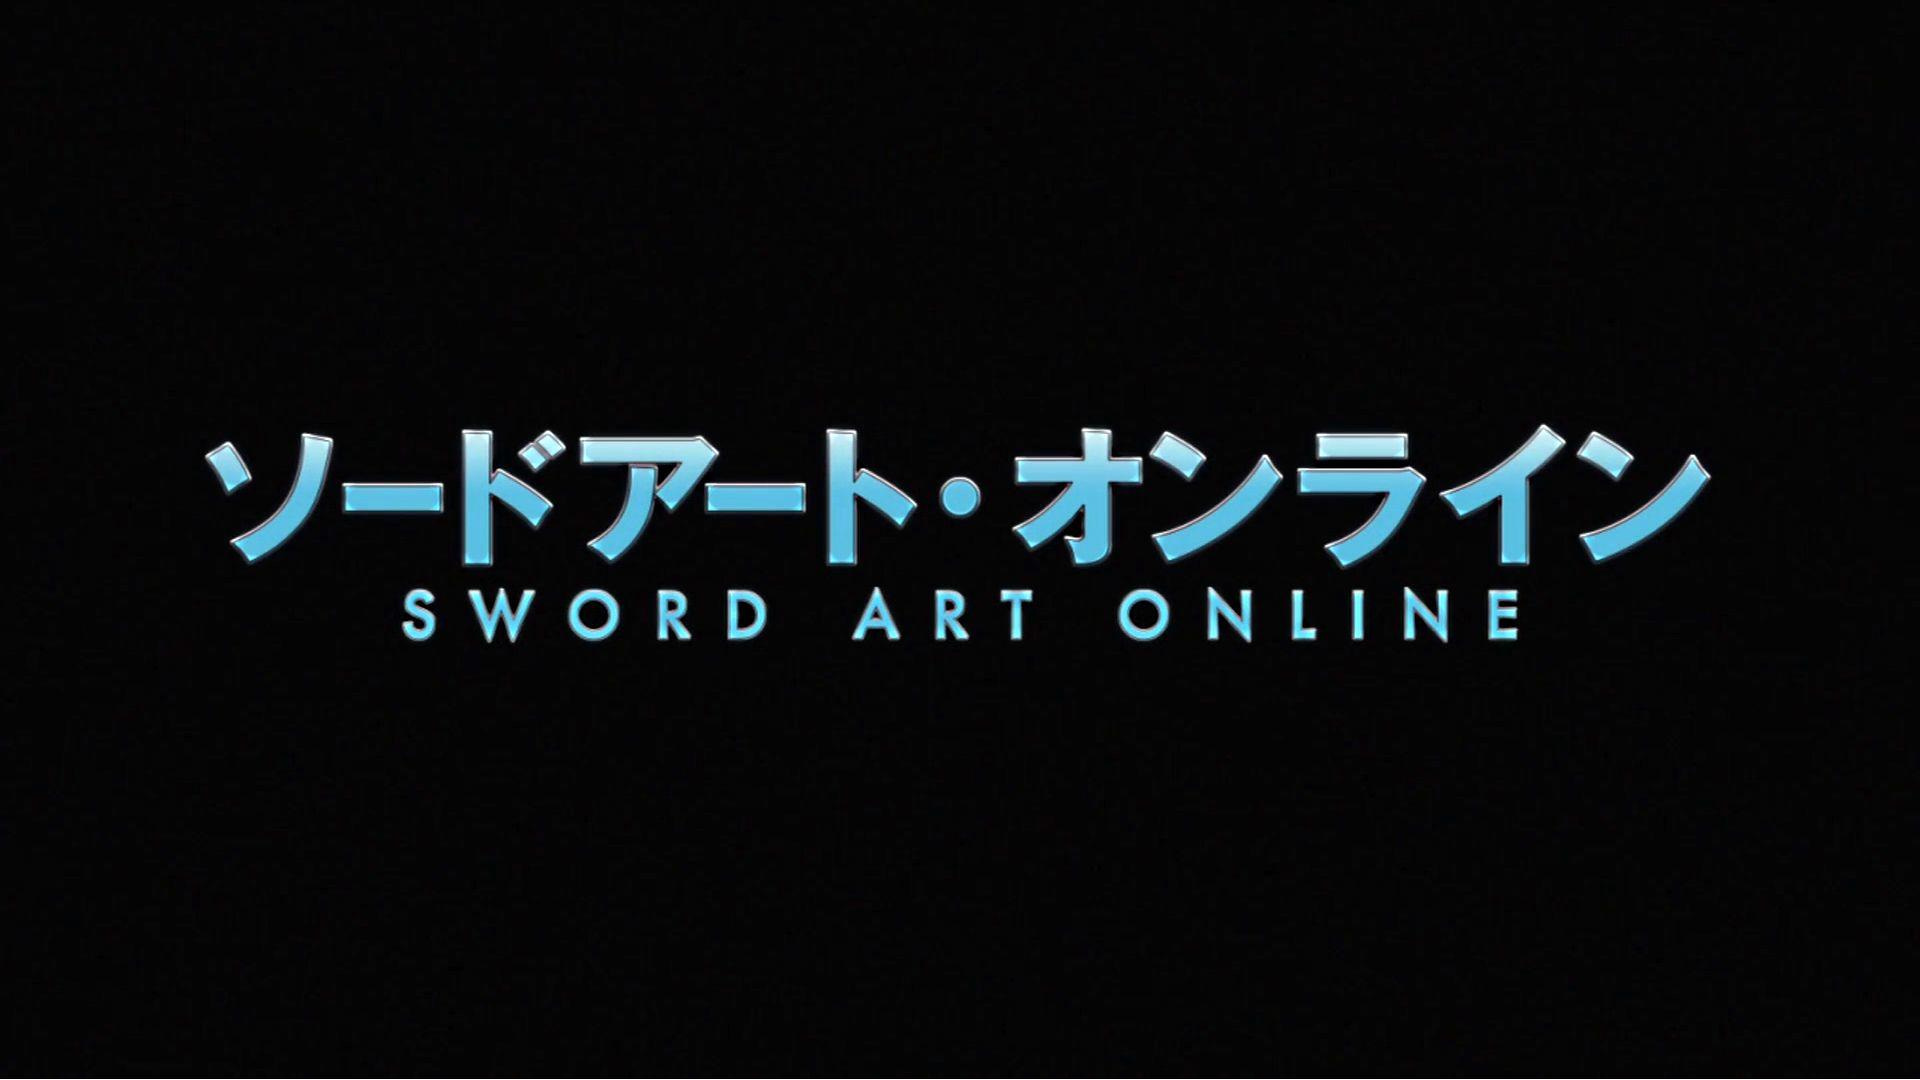 Pin Oleh Geek Crazy Di Sword Art Online Gambar Pinterest